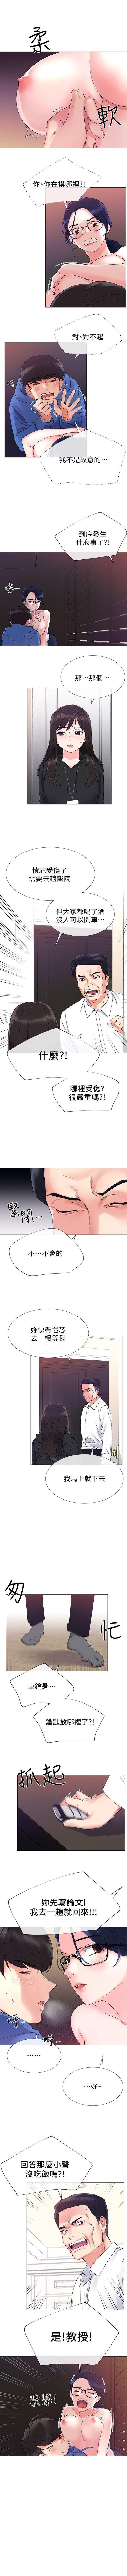 (週5)重考生 1-52 中文翻譯(更新中) 60